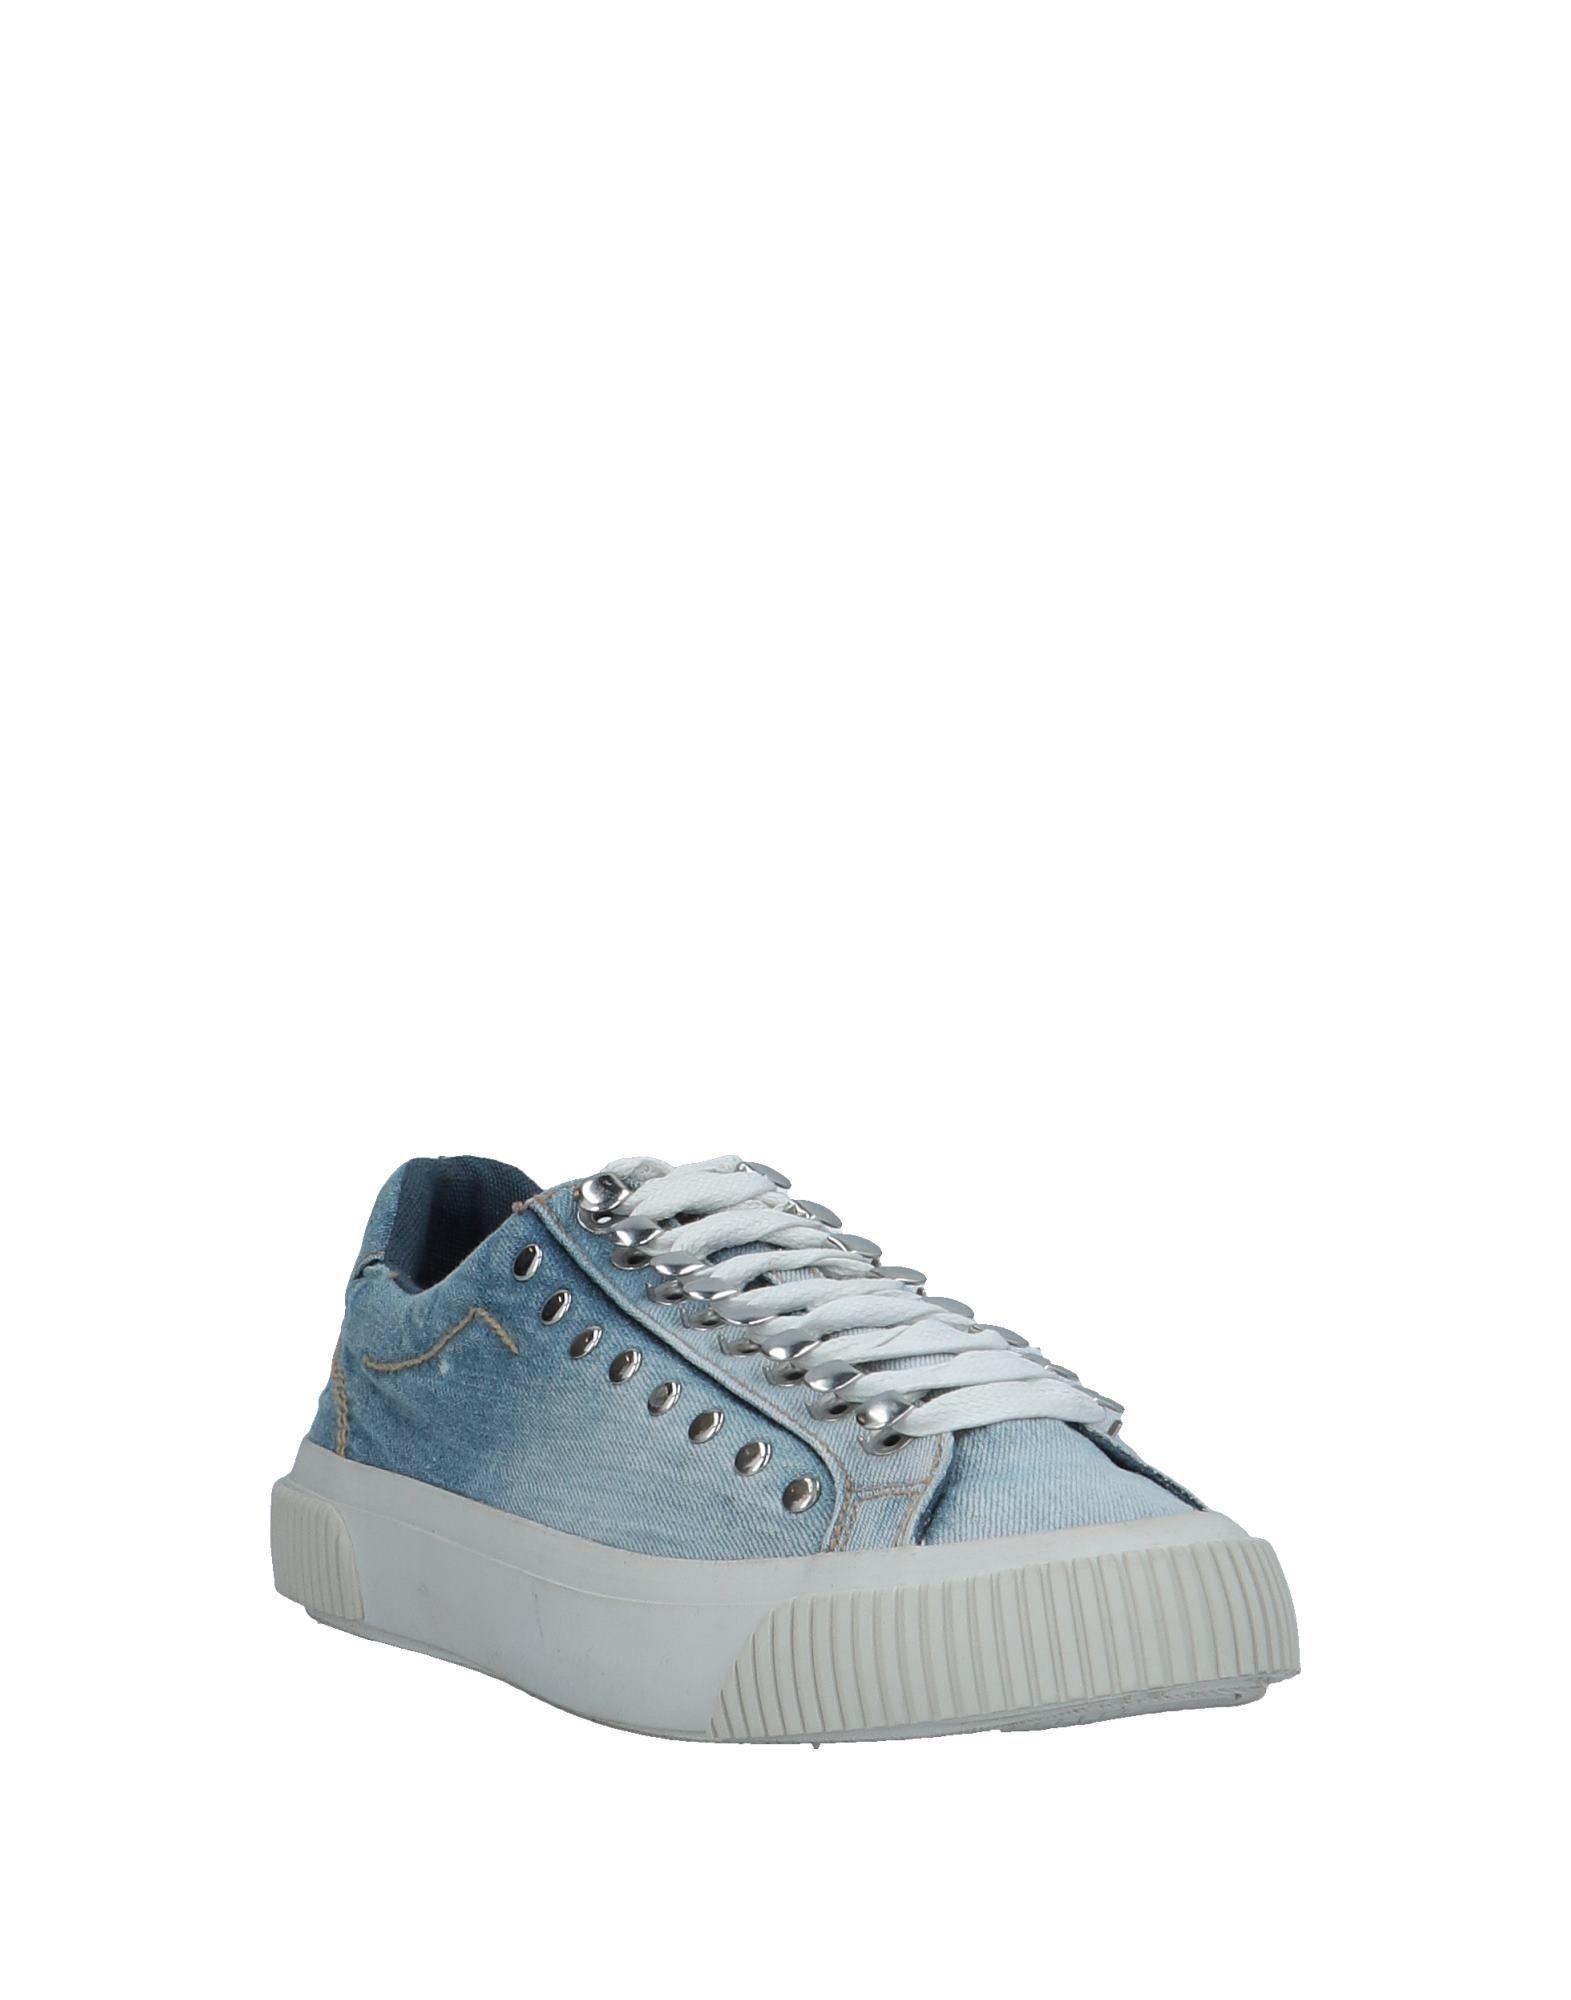 Diesel Diesel Diesel Sneakers Damen  11535798EE Gute Qualität beliebte Schuhe cd4192